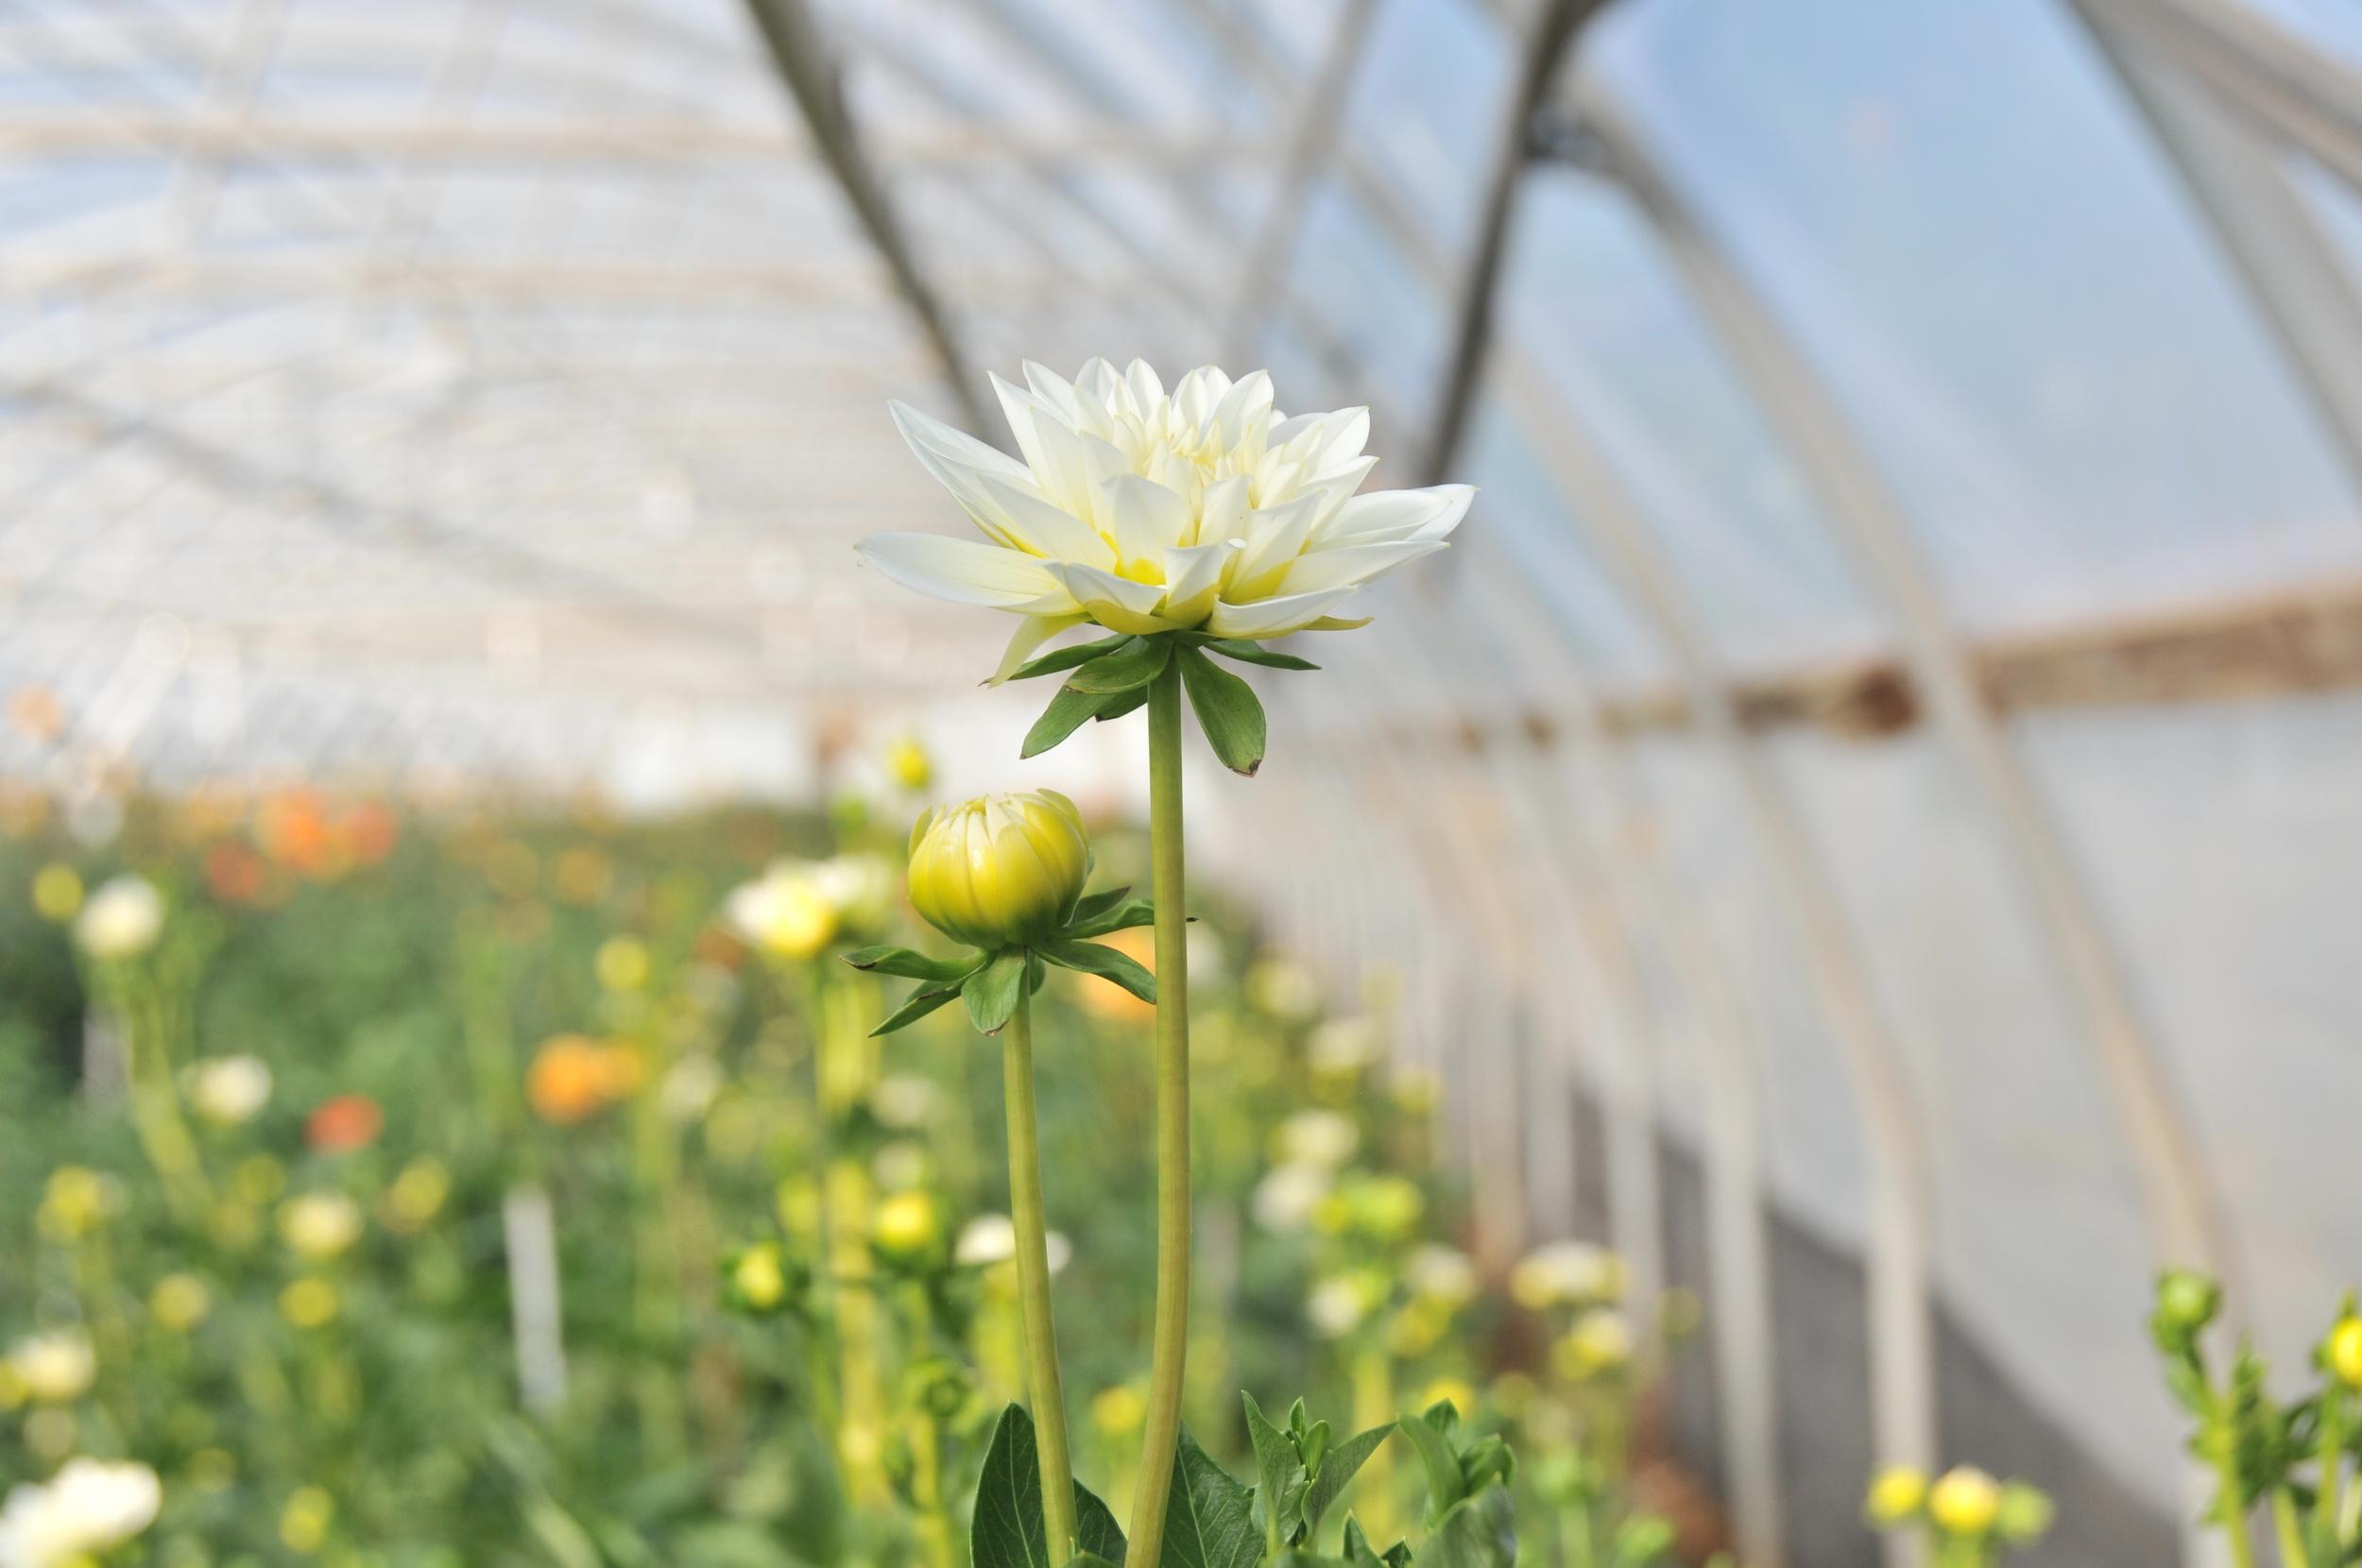 white dahlia growing